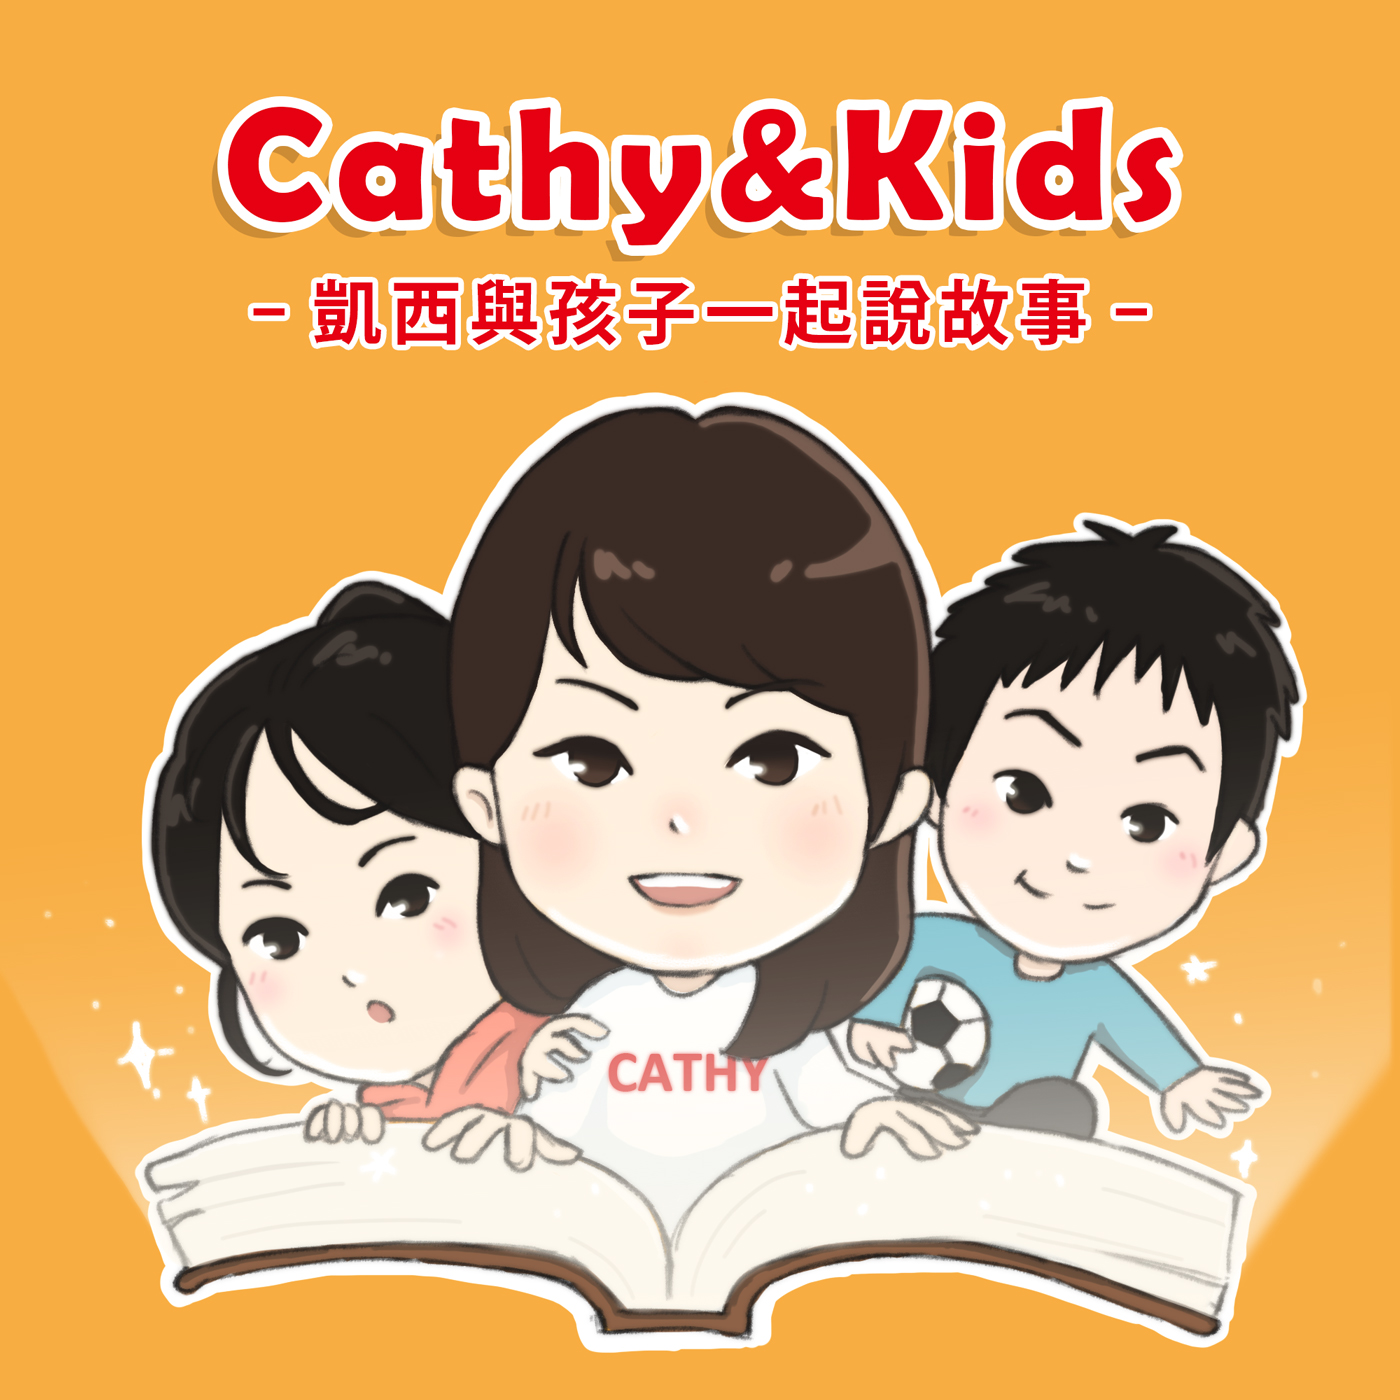 凱西與孩子一起說故事EP10: 你是個細心的孩子嗎??